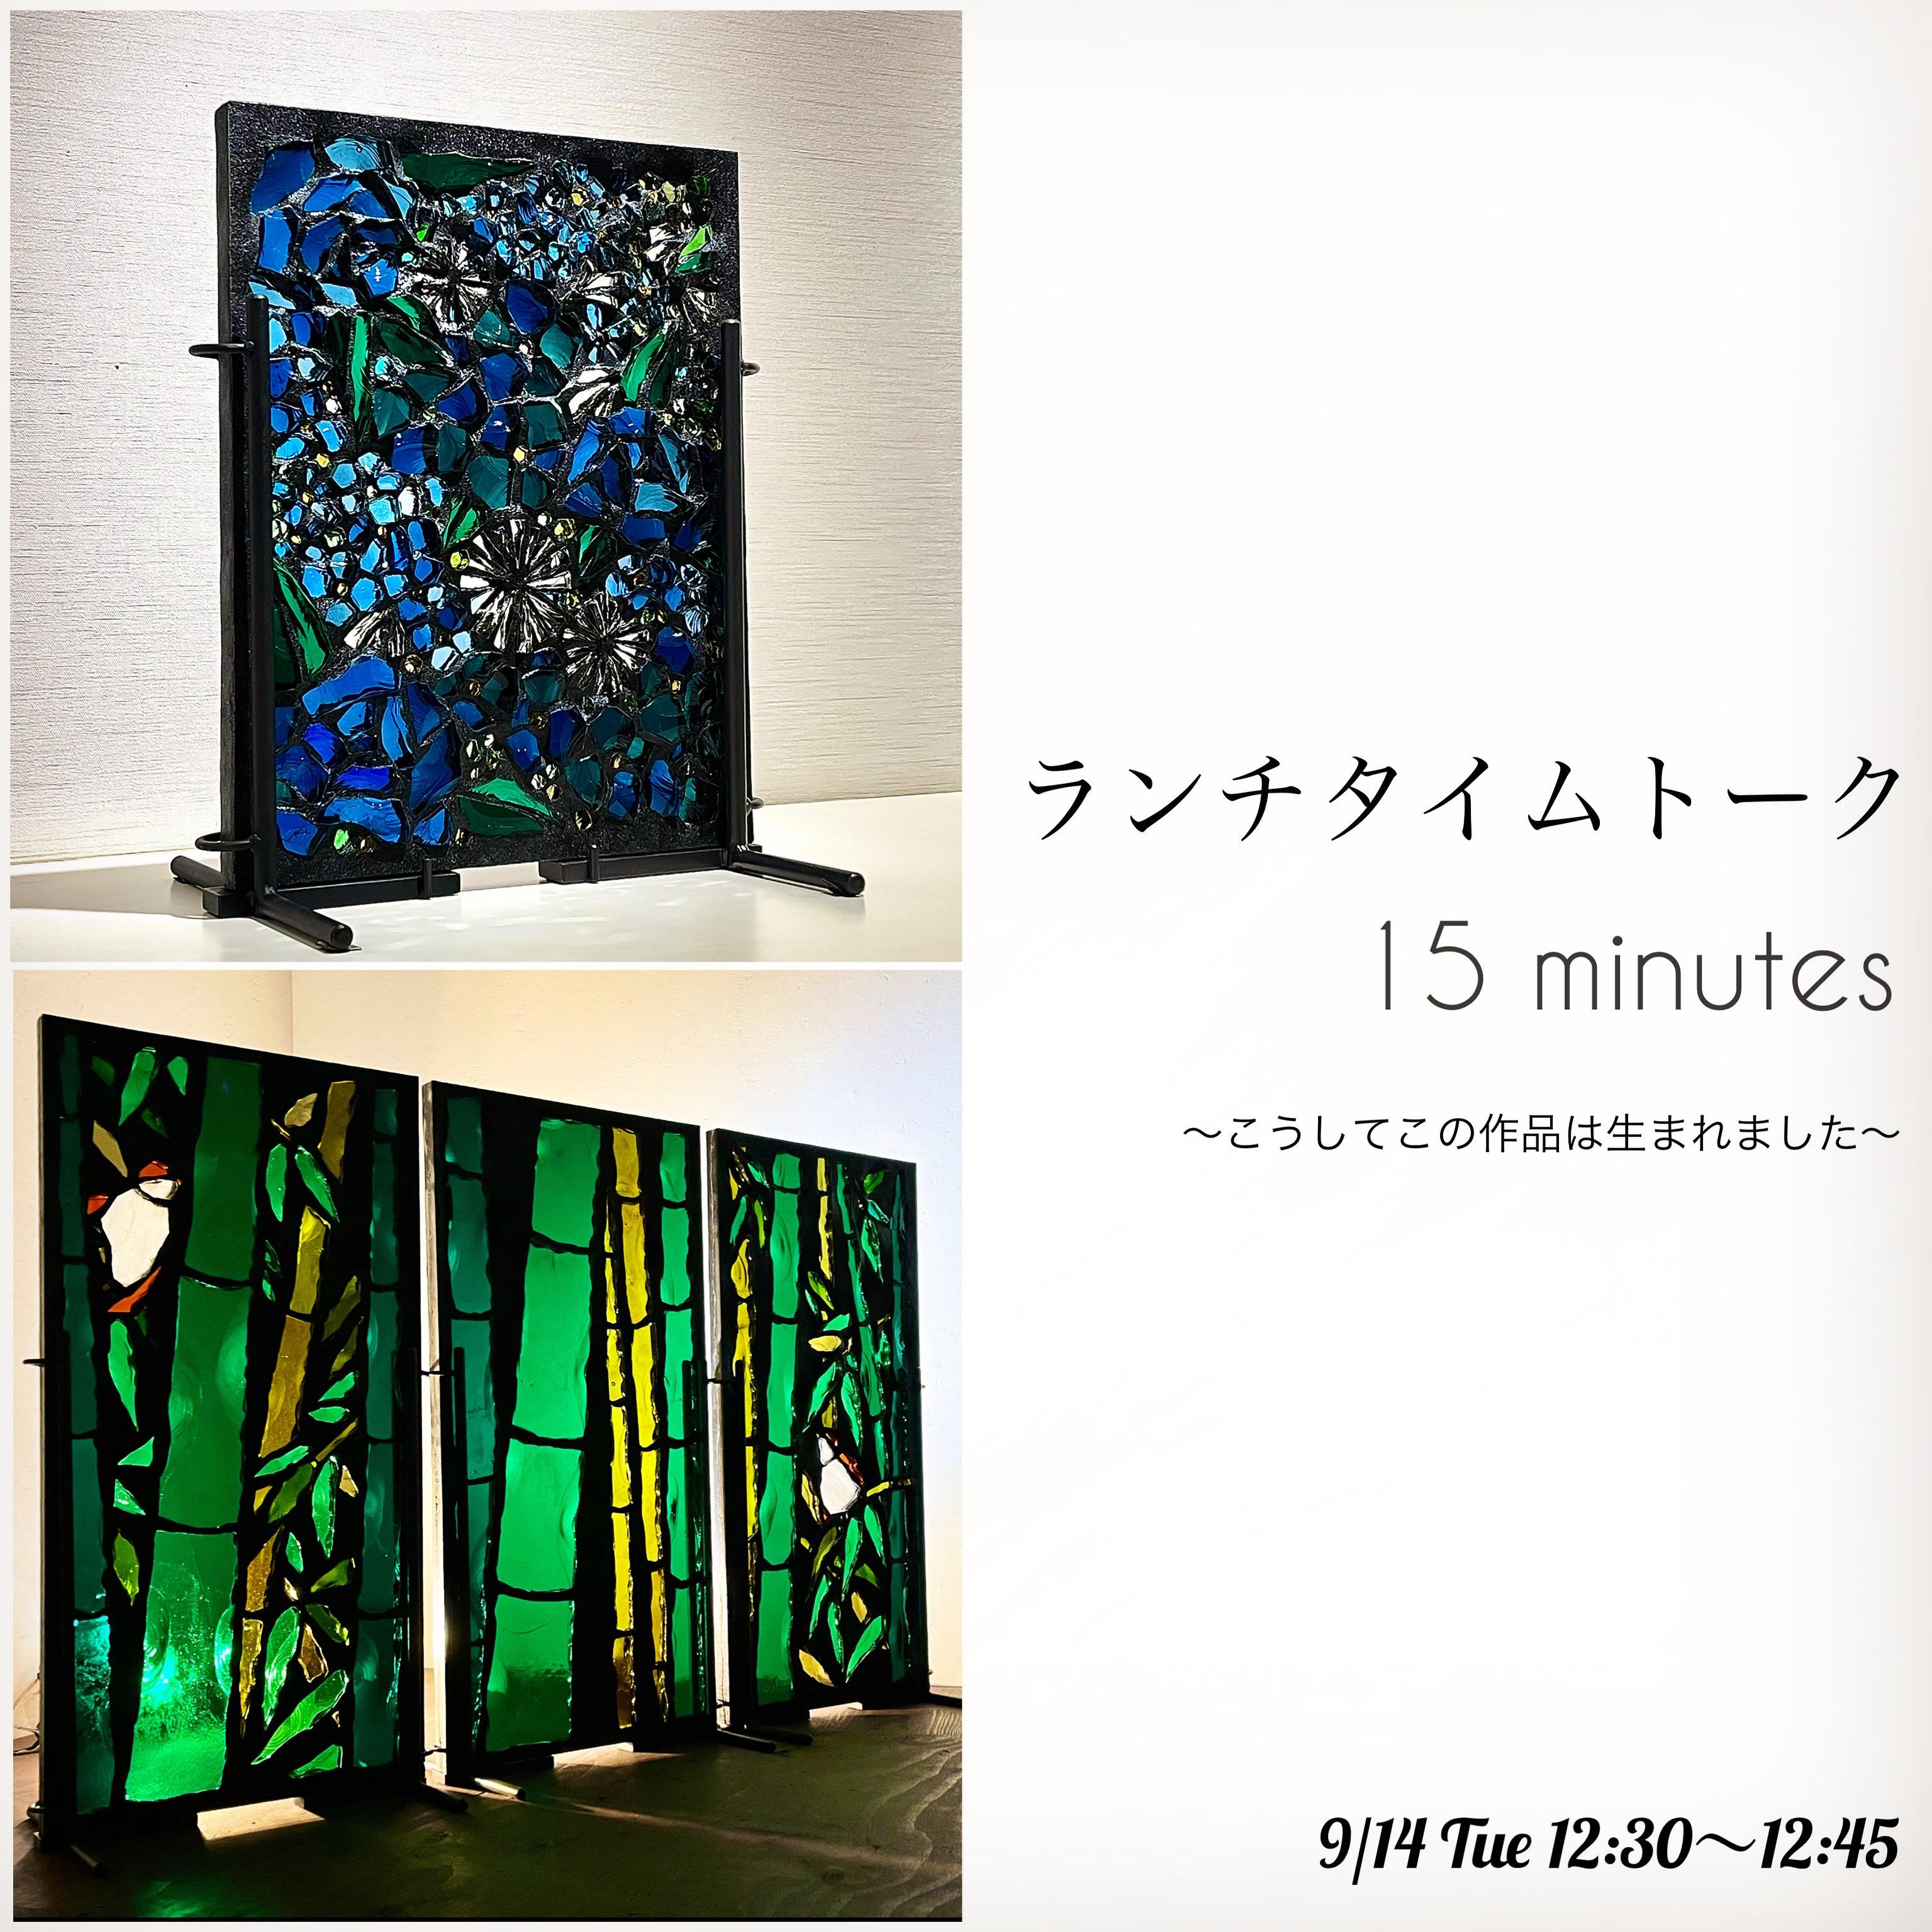 2021.9.14(火) オンライン「ランチタイムトーク 15minutes」〜こうしてこの作品は生まれました〜 開催のお知らせ